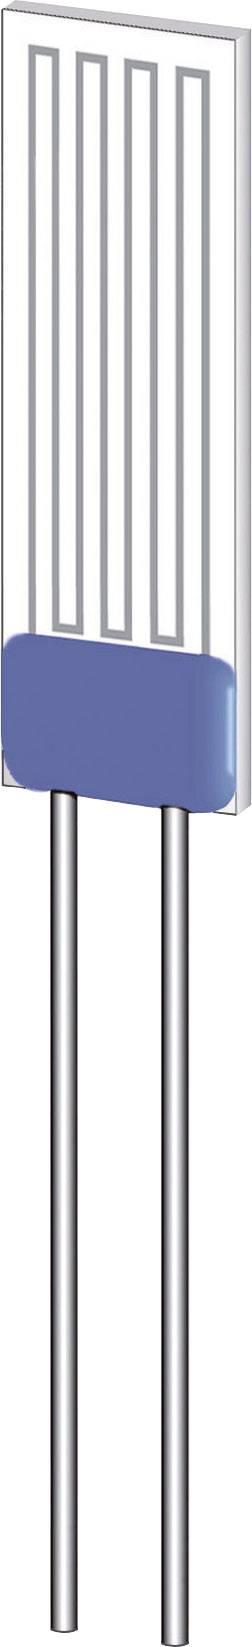 Teplotný senzor